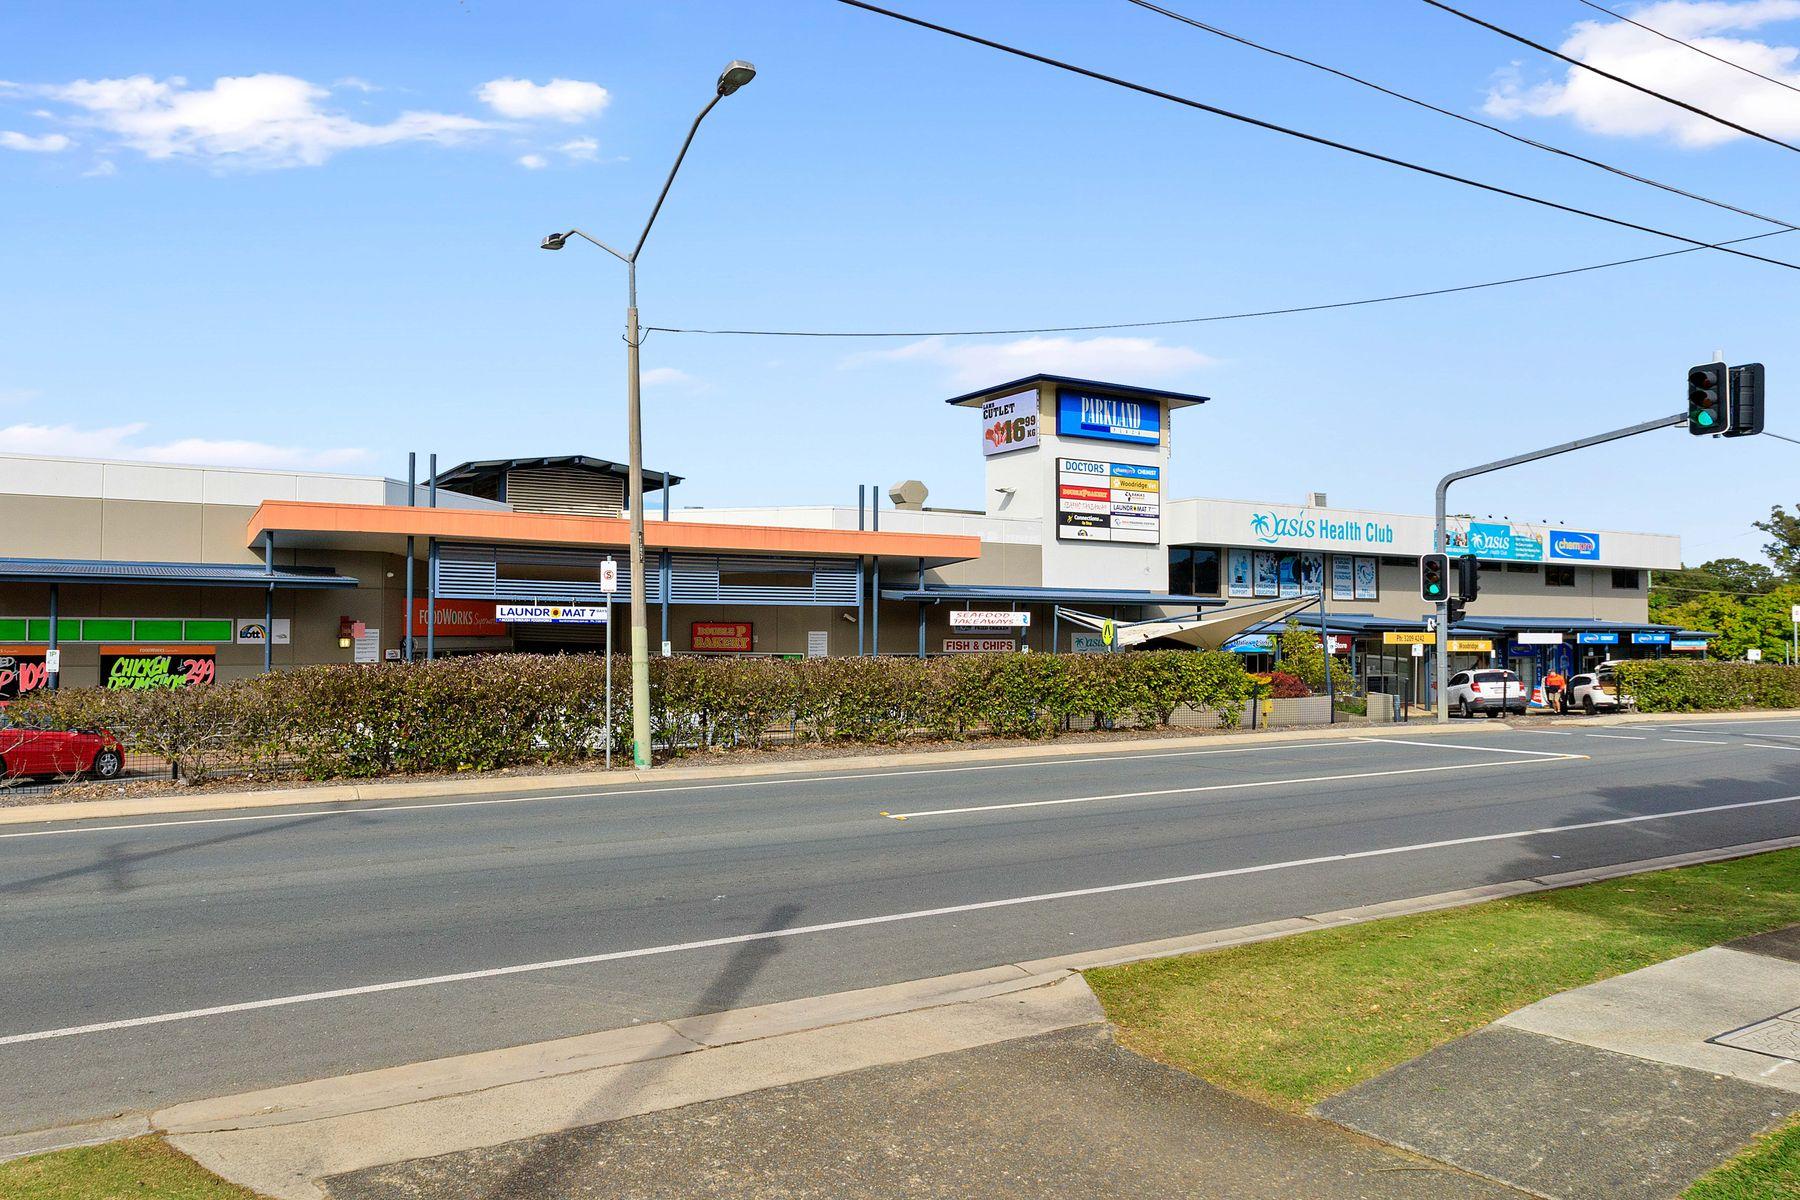 4/80 Ewing Road, Woodridge, QLD 4114